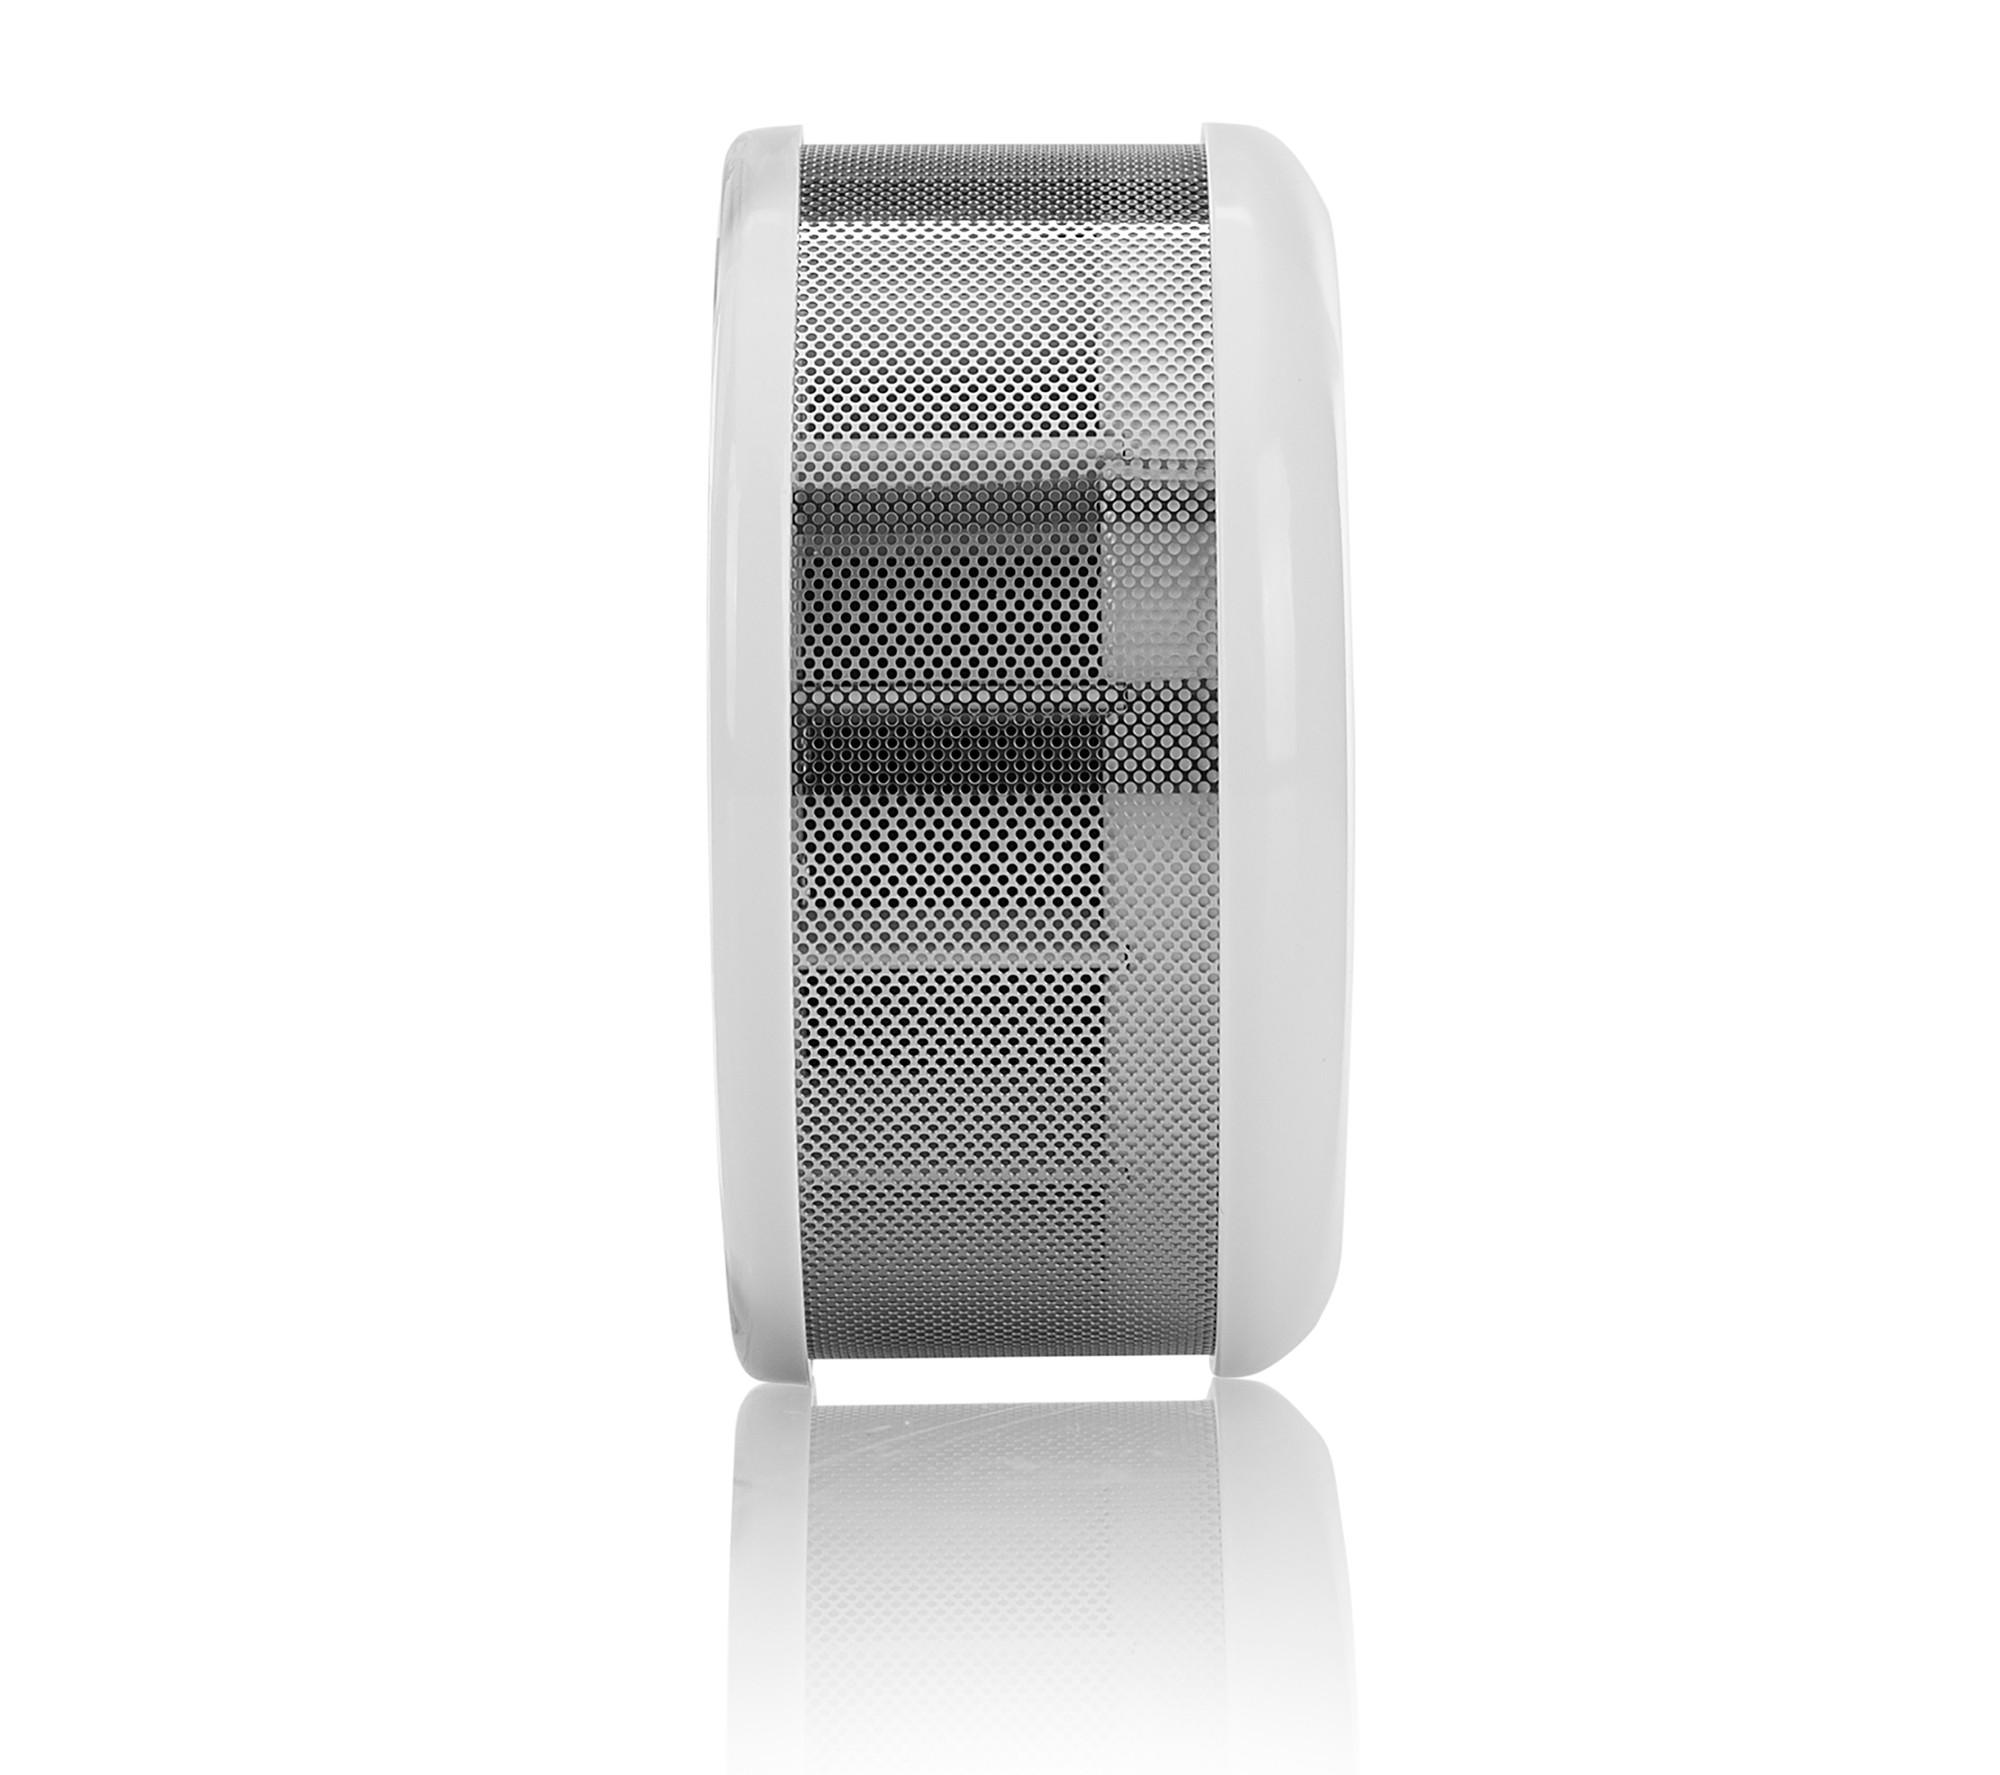 Rauchwarnmelder / Mini Rauchmelder Smartwares RM620 VdS Bild 2